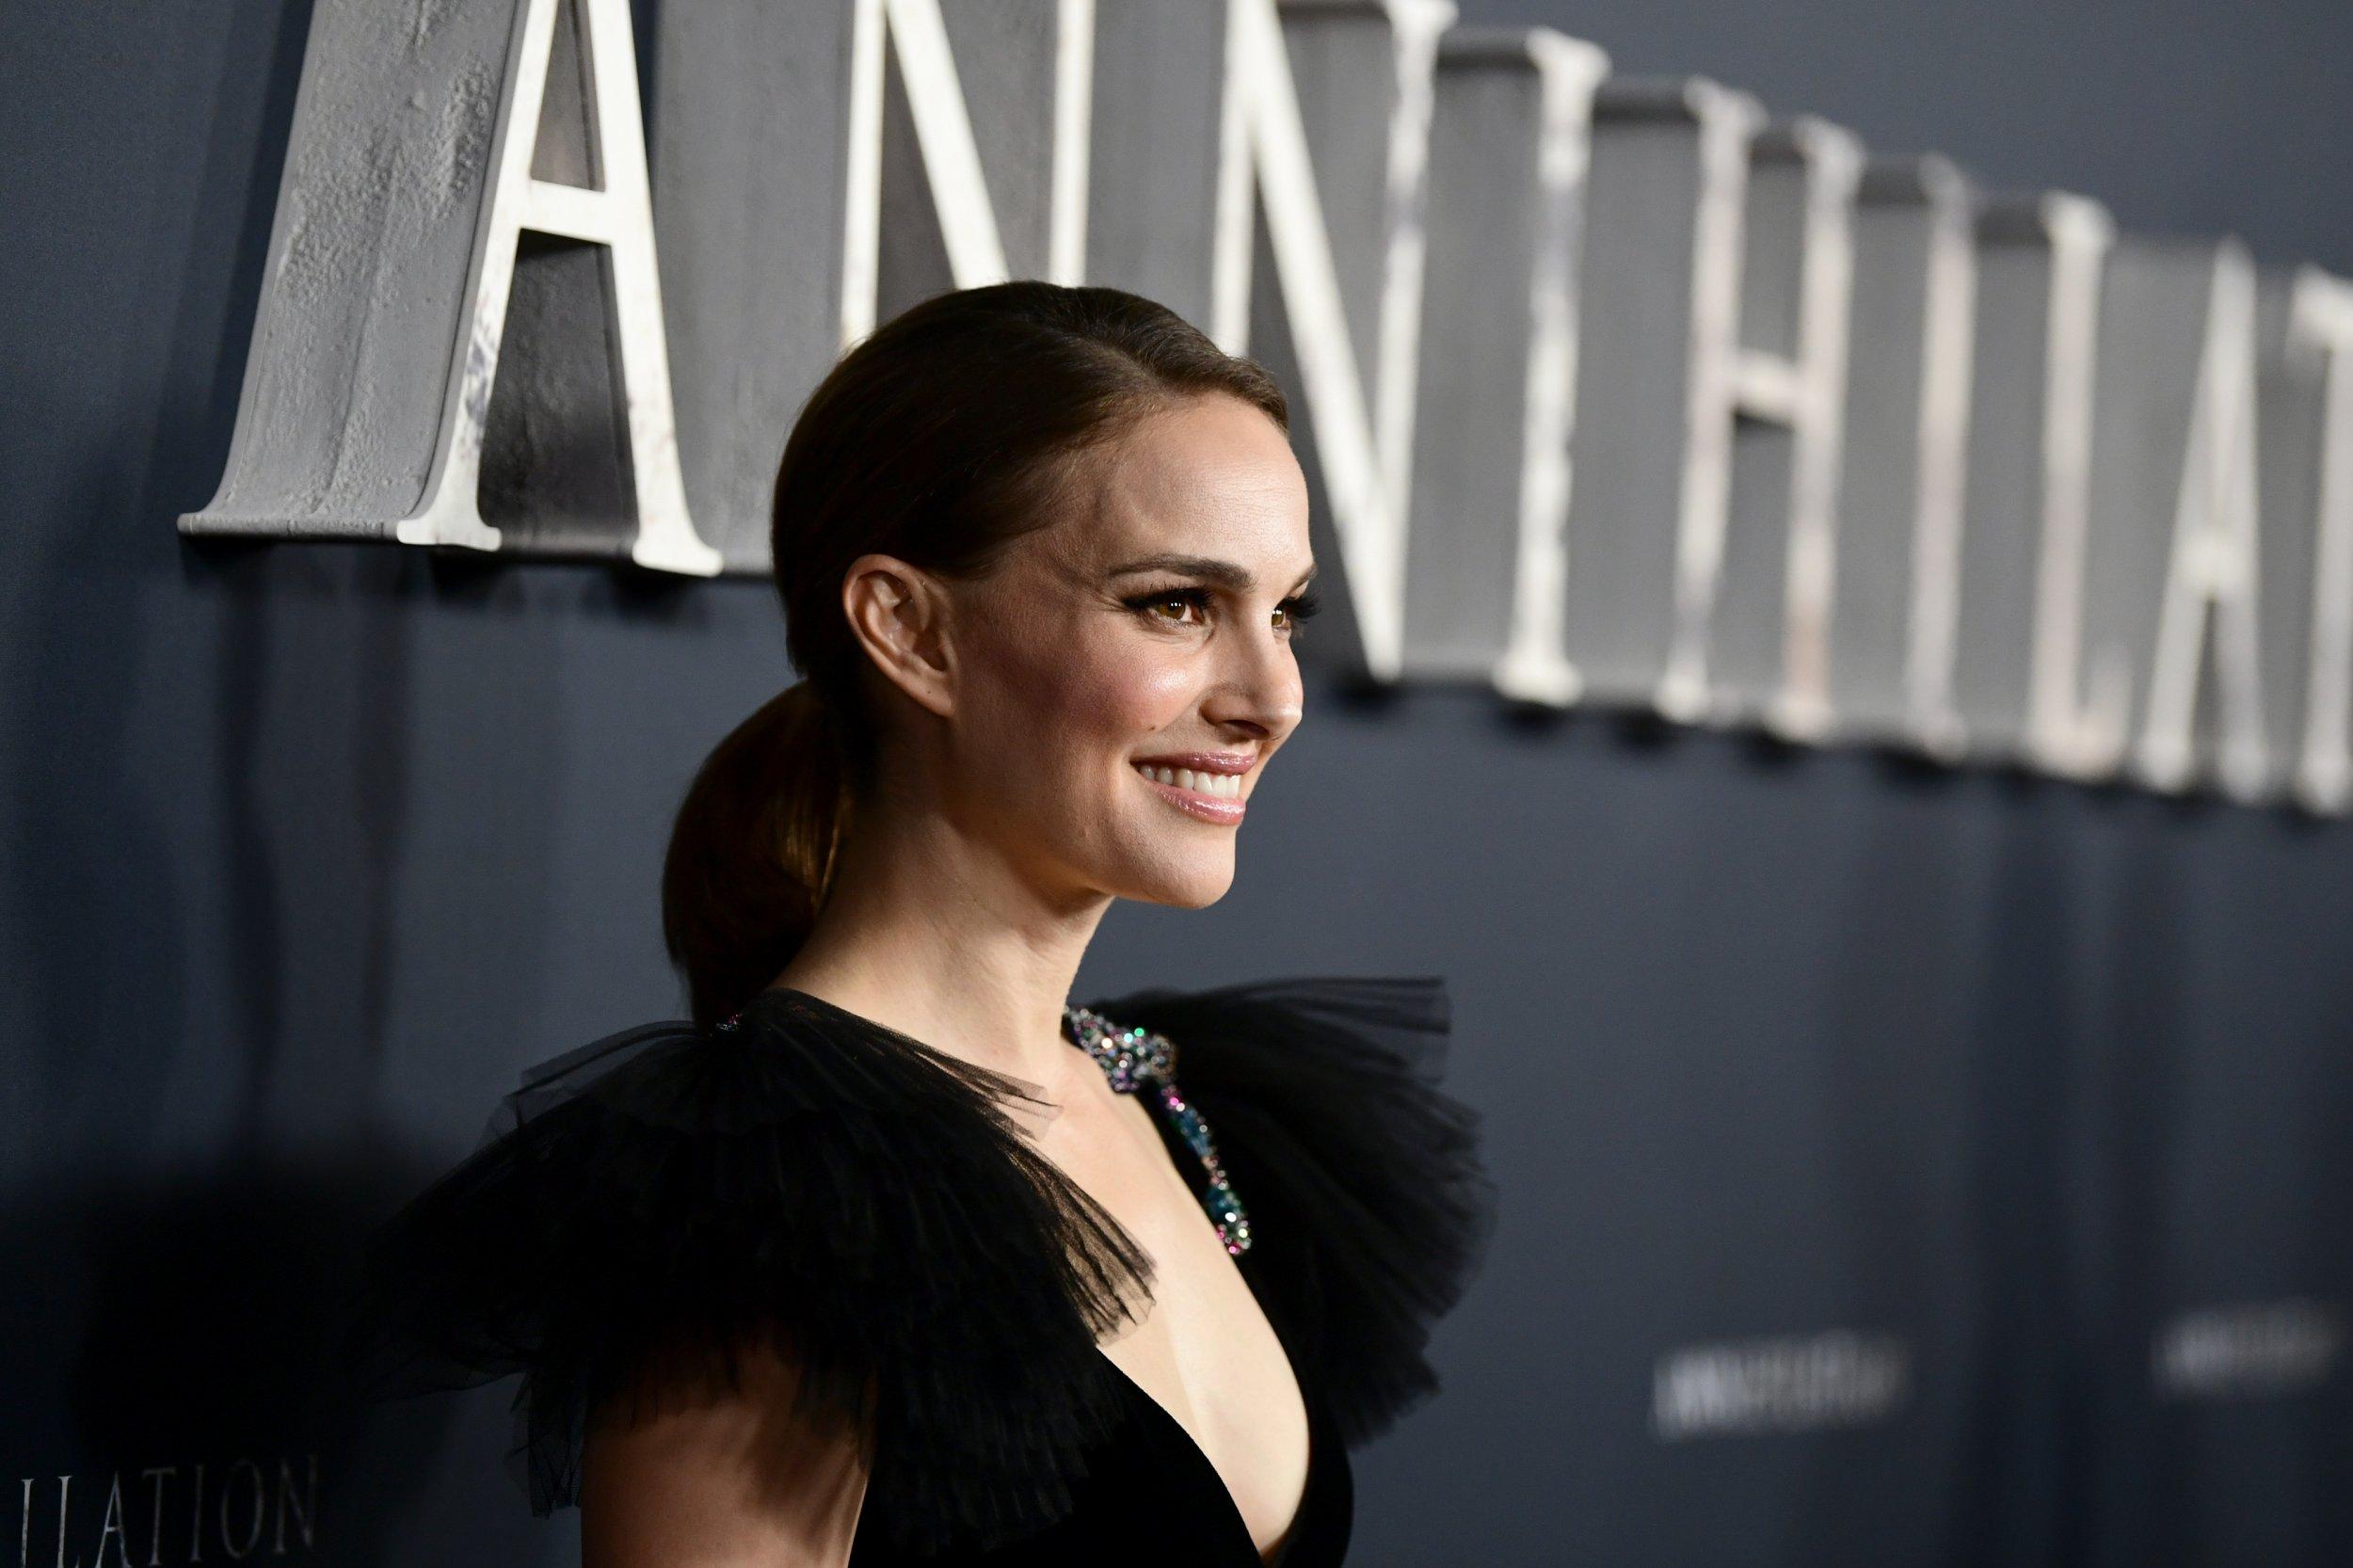 Natalie Portman annihilation